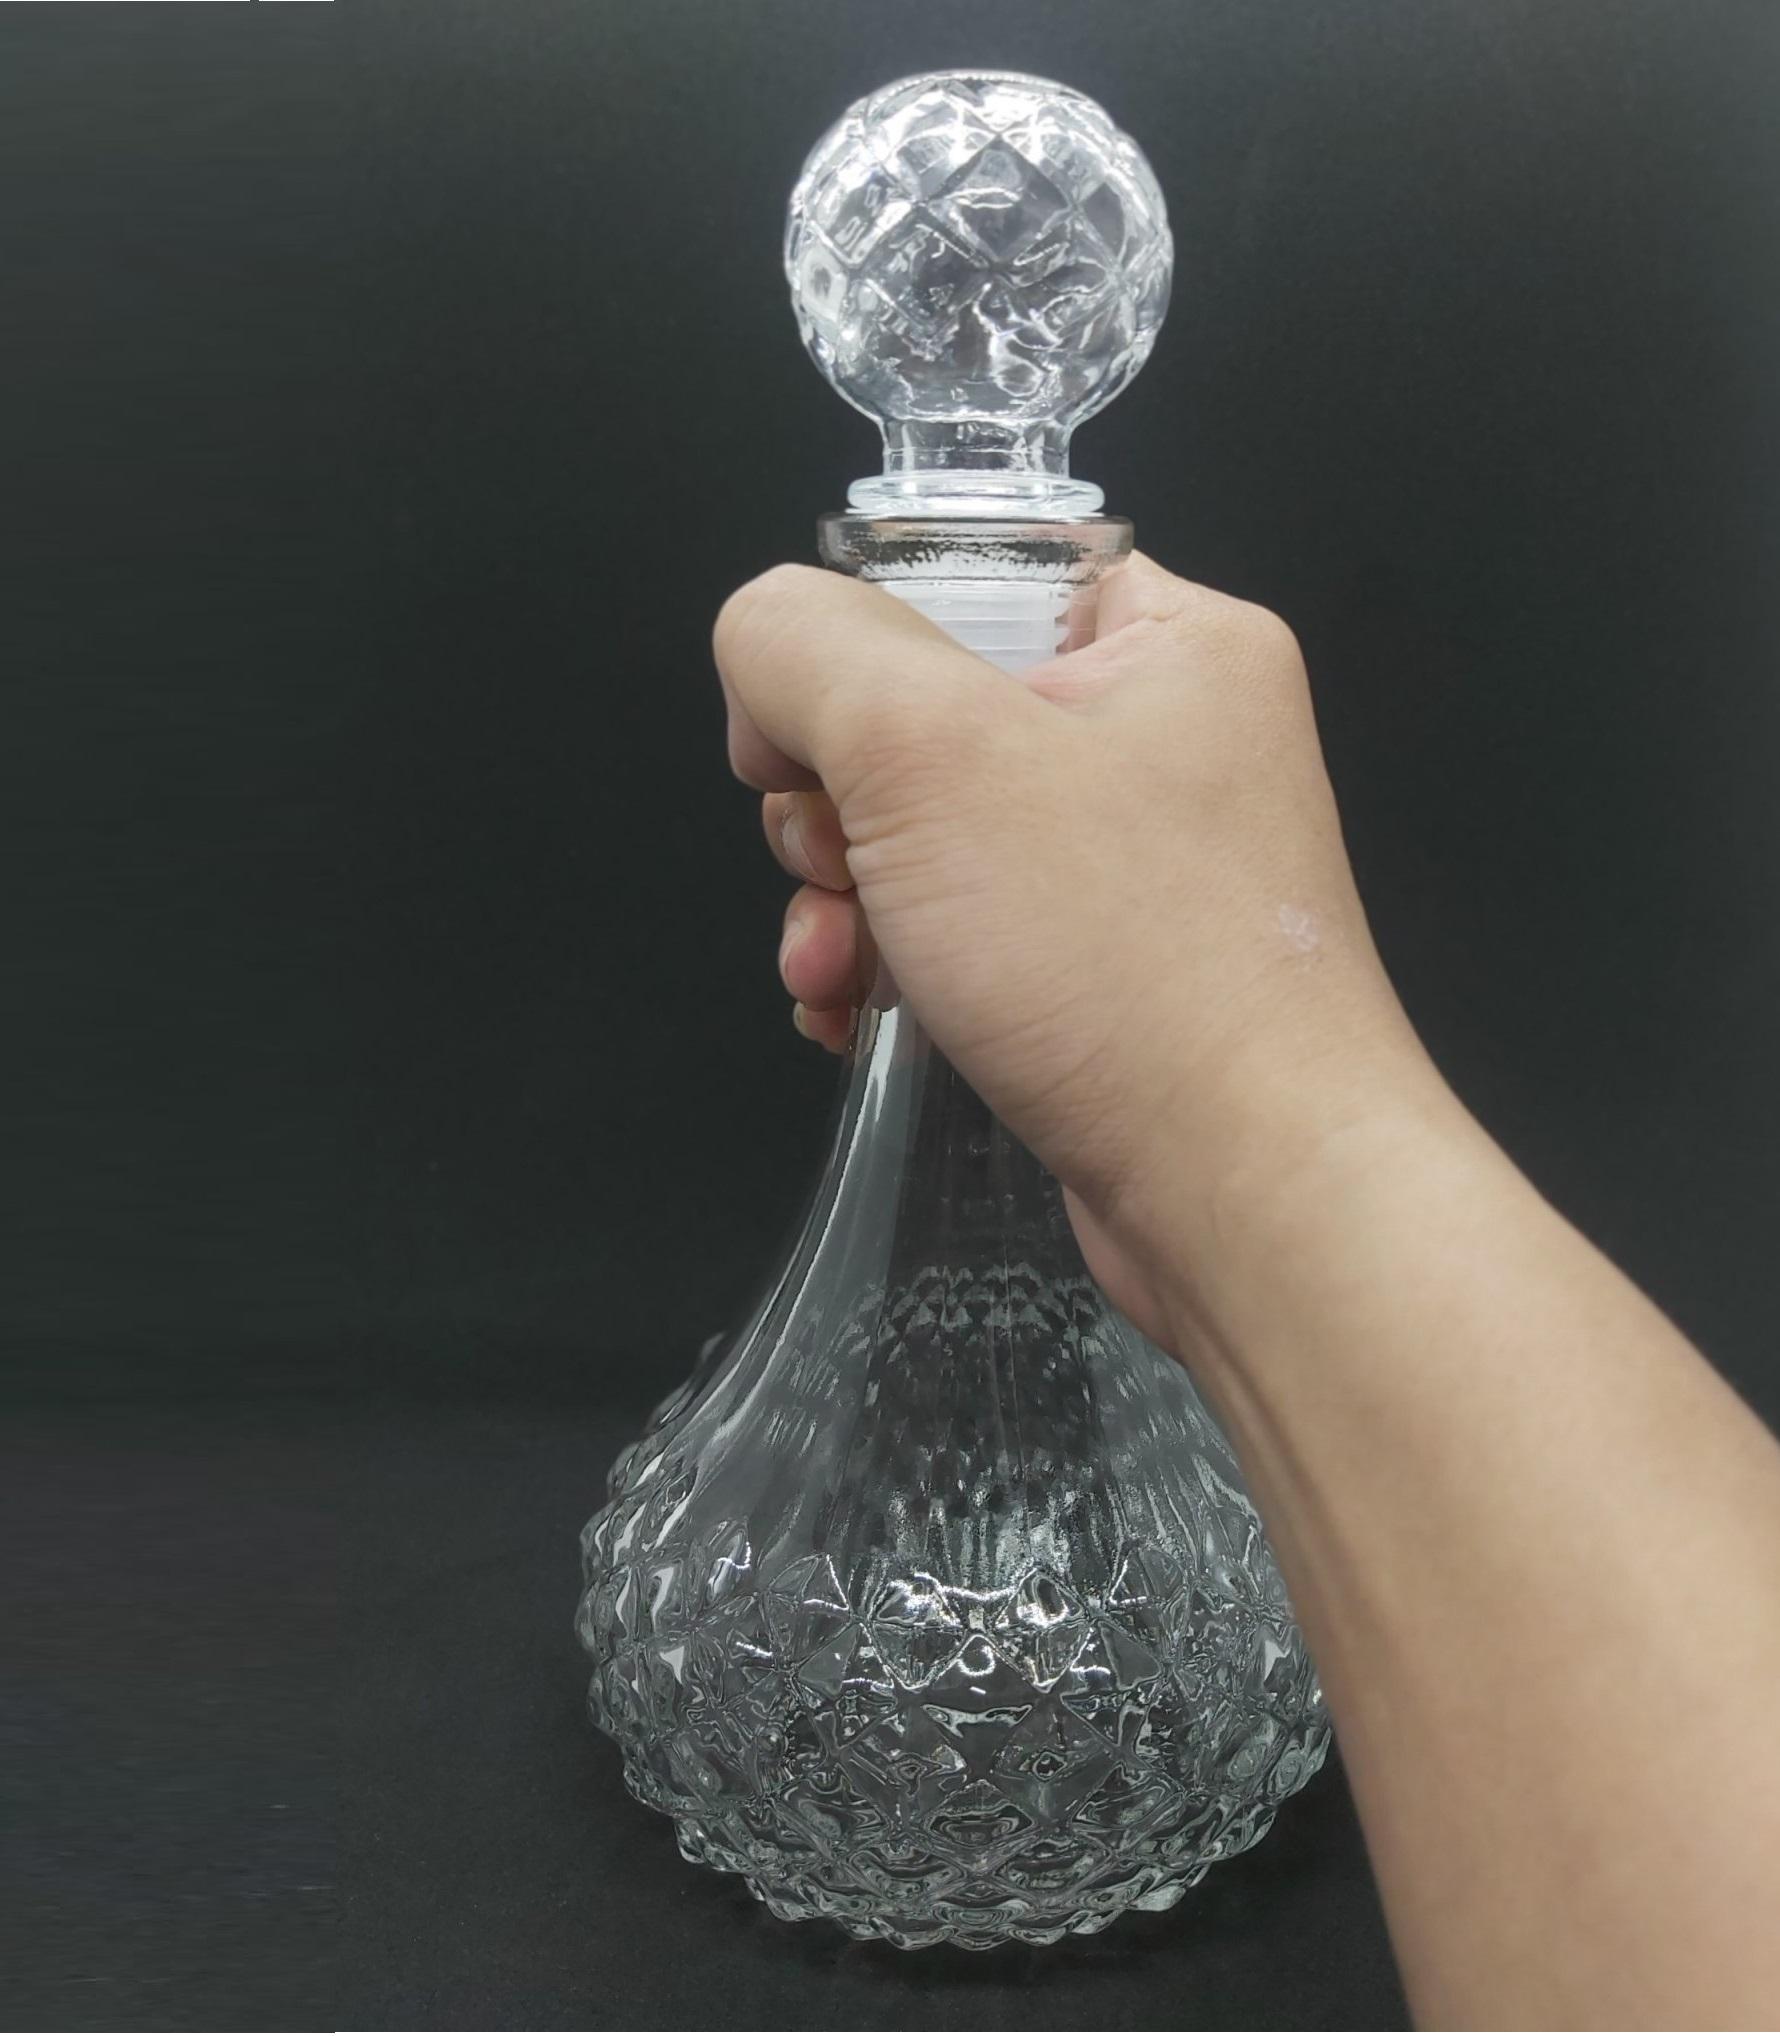 Chai Thủy Tinh đựng Rượu cao cấp Mẫu TRÒN BẸT Giác Kim Cương 750ML - Vỏ Chai rượu 750ml, bình thủy tinh siêu trong suốt